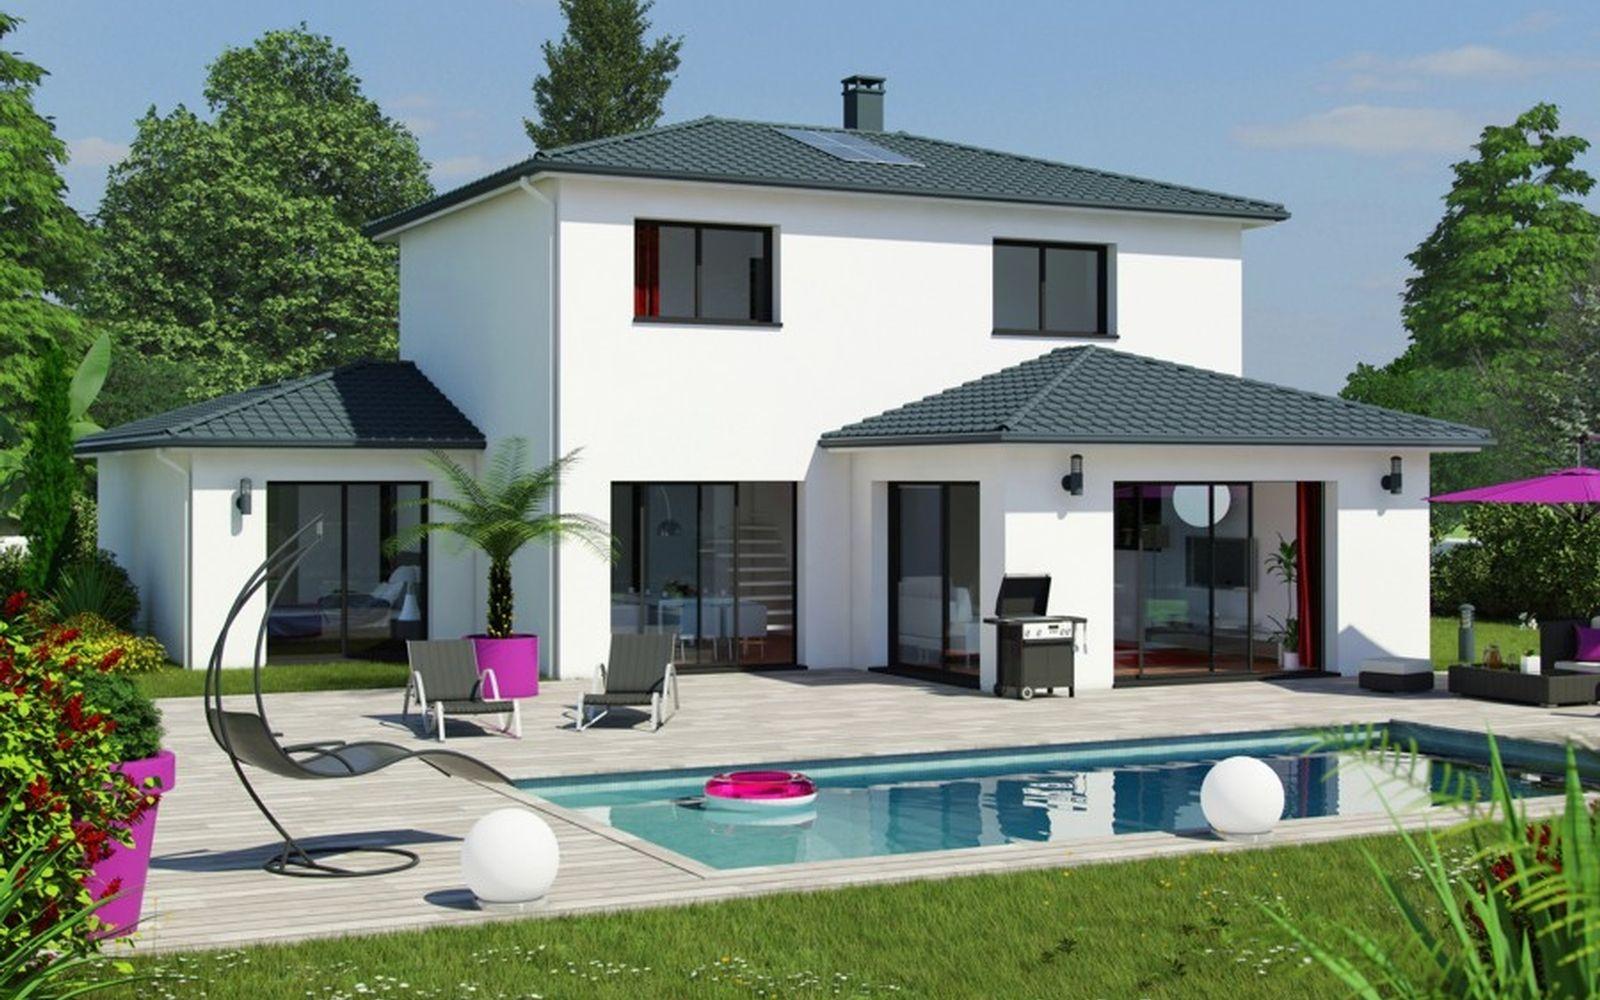 Mod le ma va maison pinterest mod le et plans for Modele maison californienne